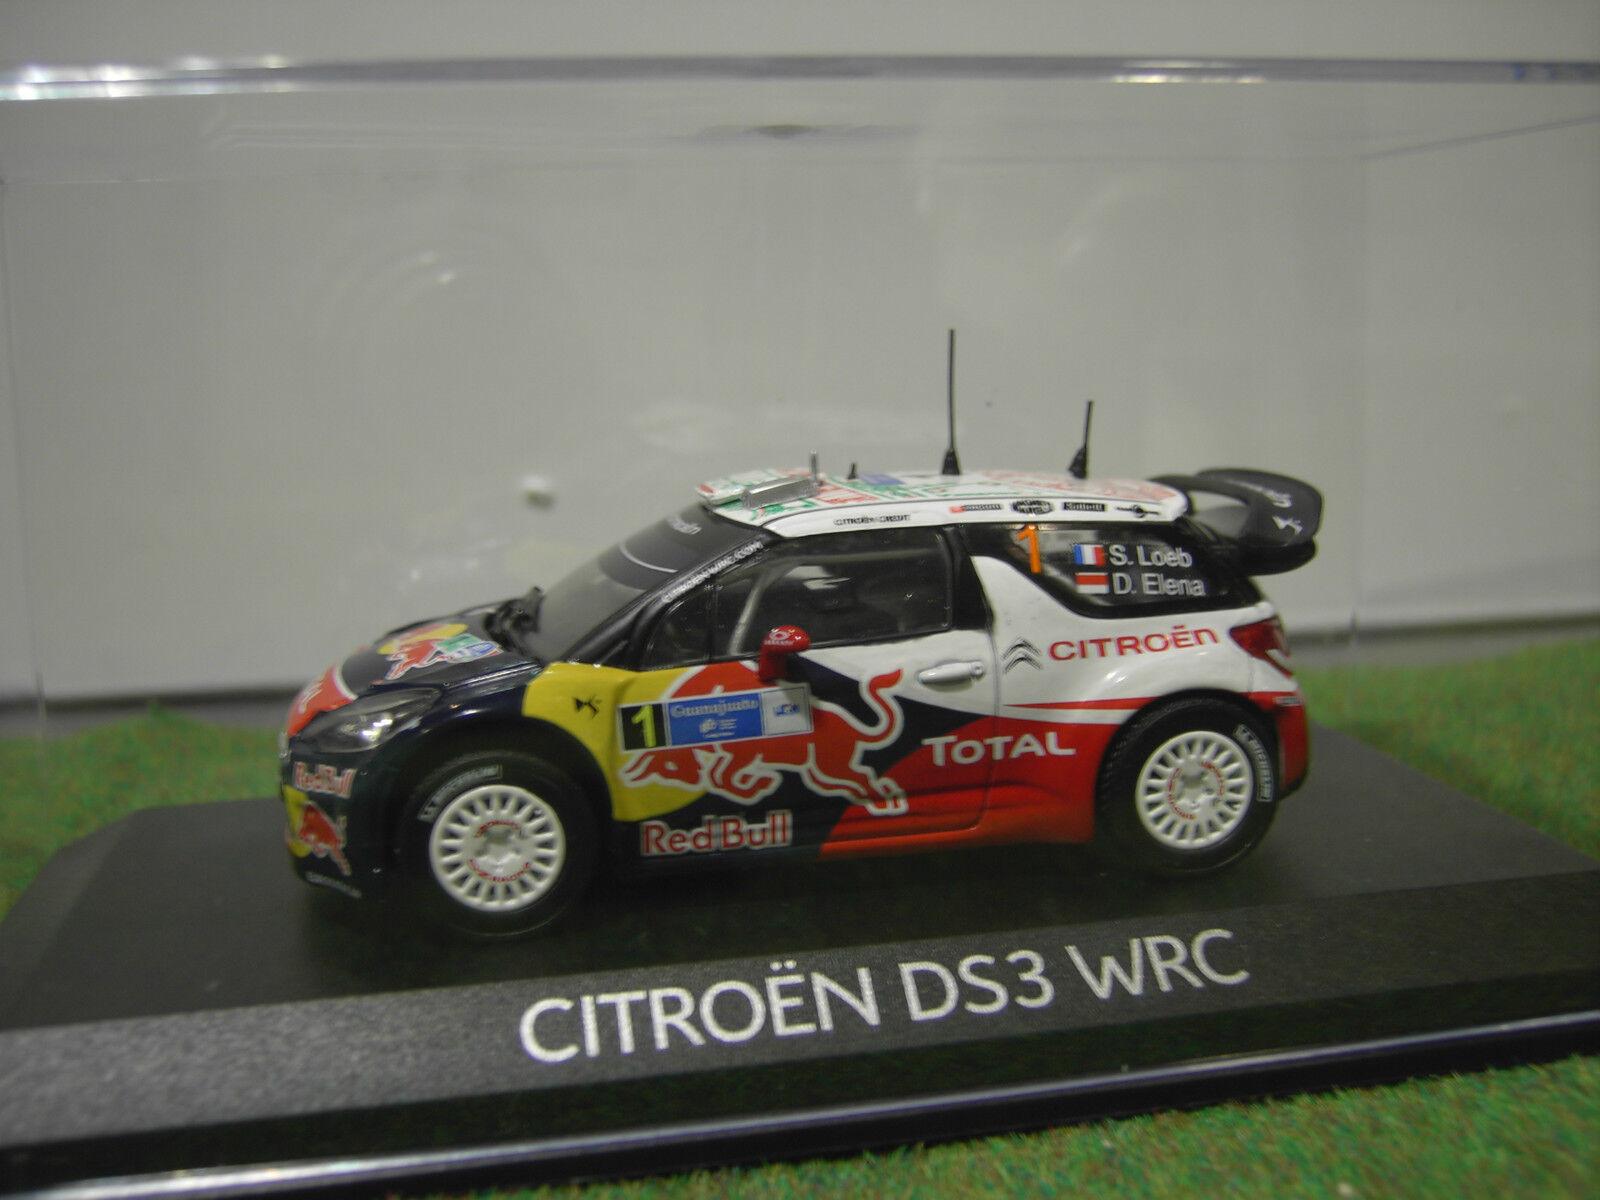 punto de venta CITROËN DS3 WRC RALLYE Mexique Mexique Mexique 2011 LOEB au 1 43 voiture miniature NOREV 155351  ventas en linea